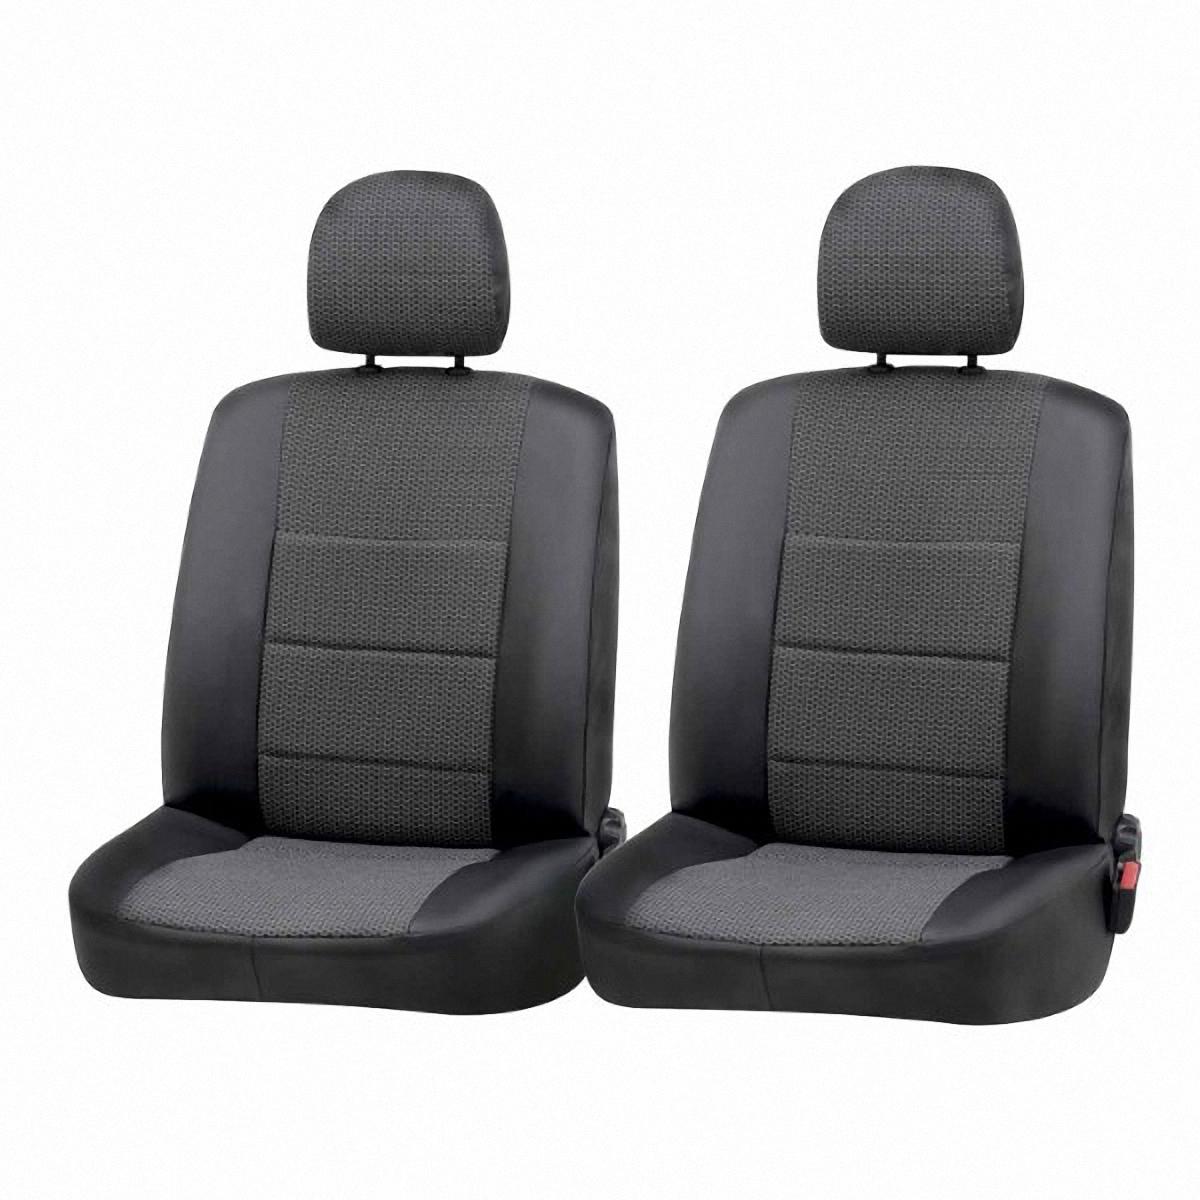 Чехол на сиденье Skyway Hyundai Solaris (седан), цвет: темно-серый, 11 предметов. Hnd1-2КHnd1-2КЧехлы на сиденья Skyway Hyundai Solaris с 2011 года седан изготовлены из экокожи и жаккарда точно по лекалам завода-изготовителя и сконструированы для модели автомобиля. Это гарантирует идеальную посадку и эстетический внешний вид. Прочный и надежный в эксплуатации материал сохраняет свои свойства на длительное время и не требует особого ухода.Универсальная система креплений в виде резинок и крючков позволяет надежно зафиксировать изделие, идеально повторяя контуры оригинальных сидений. Спинки передних сидений с карманами, которые можно использовать для хранения мелких предметов.Все швы, внутренние и внешние, а также технологические отверстия, обработаны на оверлоке. Материал чехла в 3 слоя толщиной 2 мм обеспечивает сохранность цвета, фактуры и формы в процессе длительной эксплуатации.В комплекте 11 чехлов.